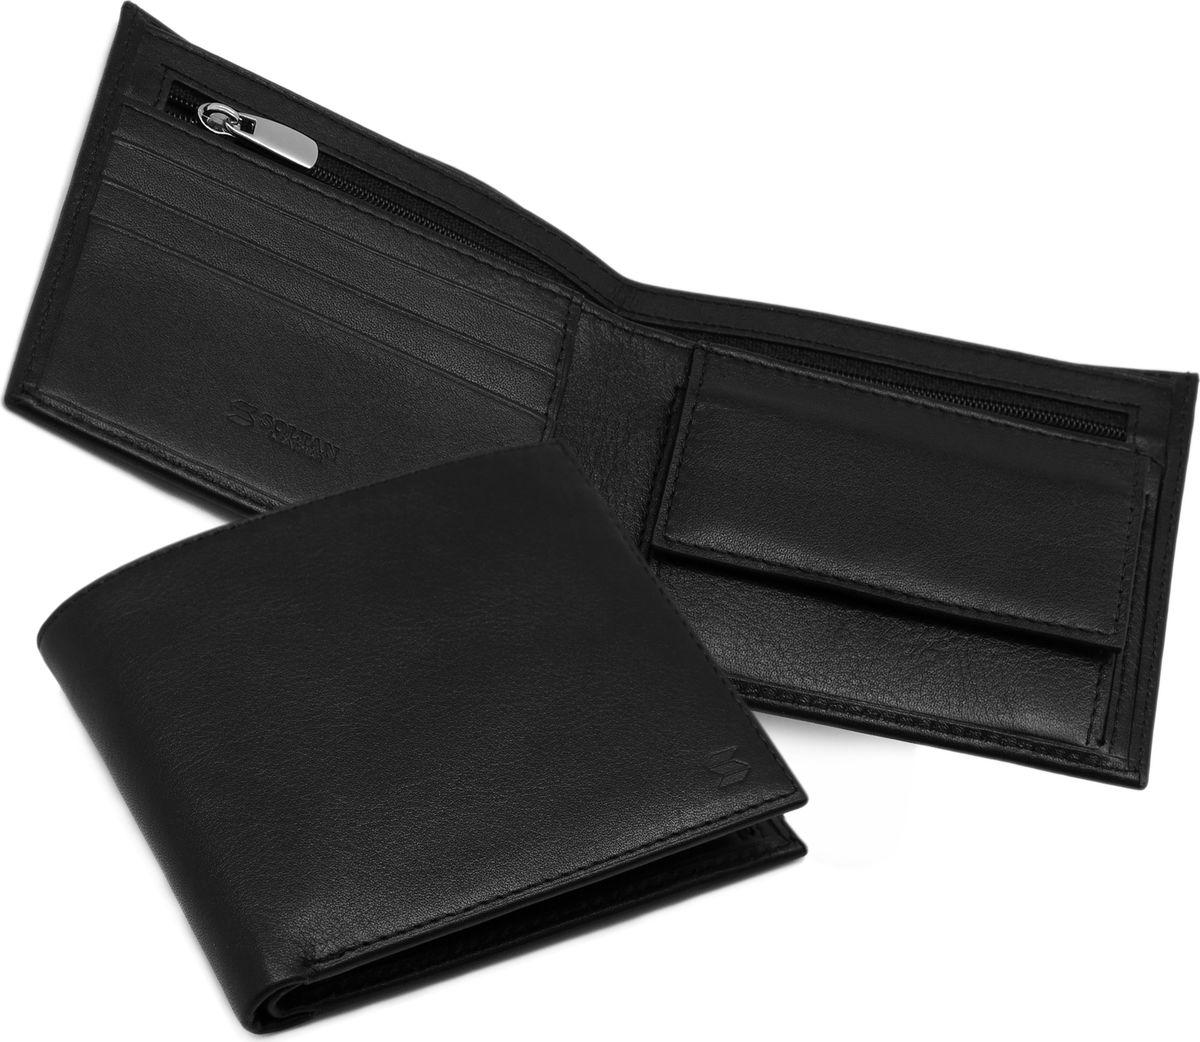 Портмоне мужское Soltan, цвет: черный. 150 01 01150 01 01Портмоне SOLTAN из натуральной кожи черного цвета имеет три отделения для купюр, одно из которых на молнии, 3 кармашка для кредиток, отделение для мелочи.